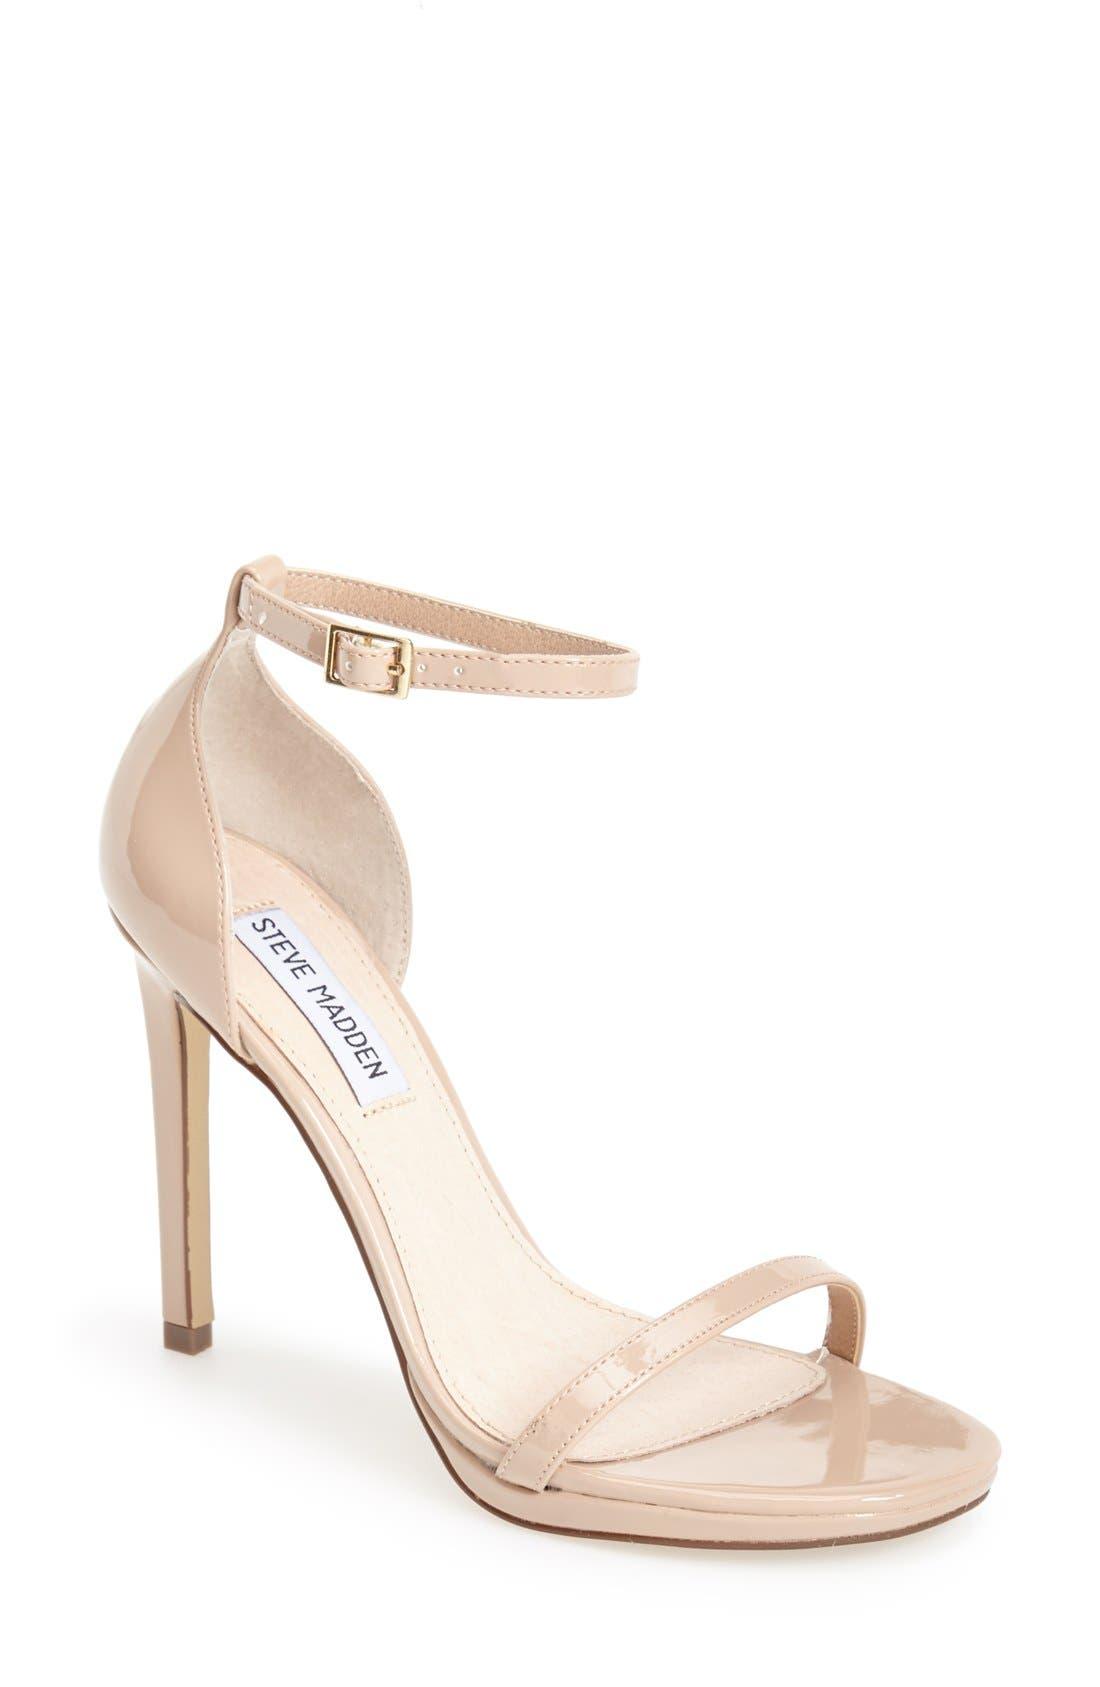 Main Image - Steve Madden 'Gea' Ankle Strap Sandal (Women)